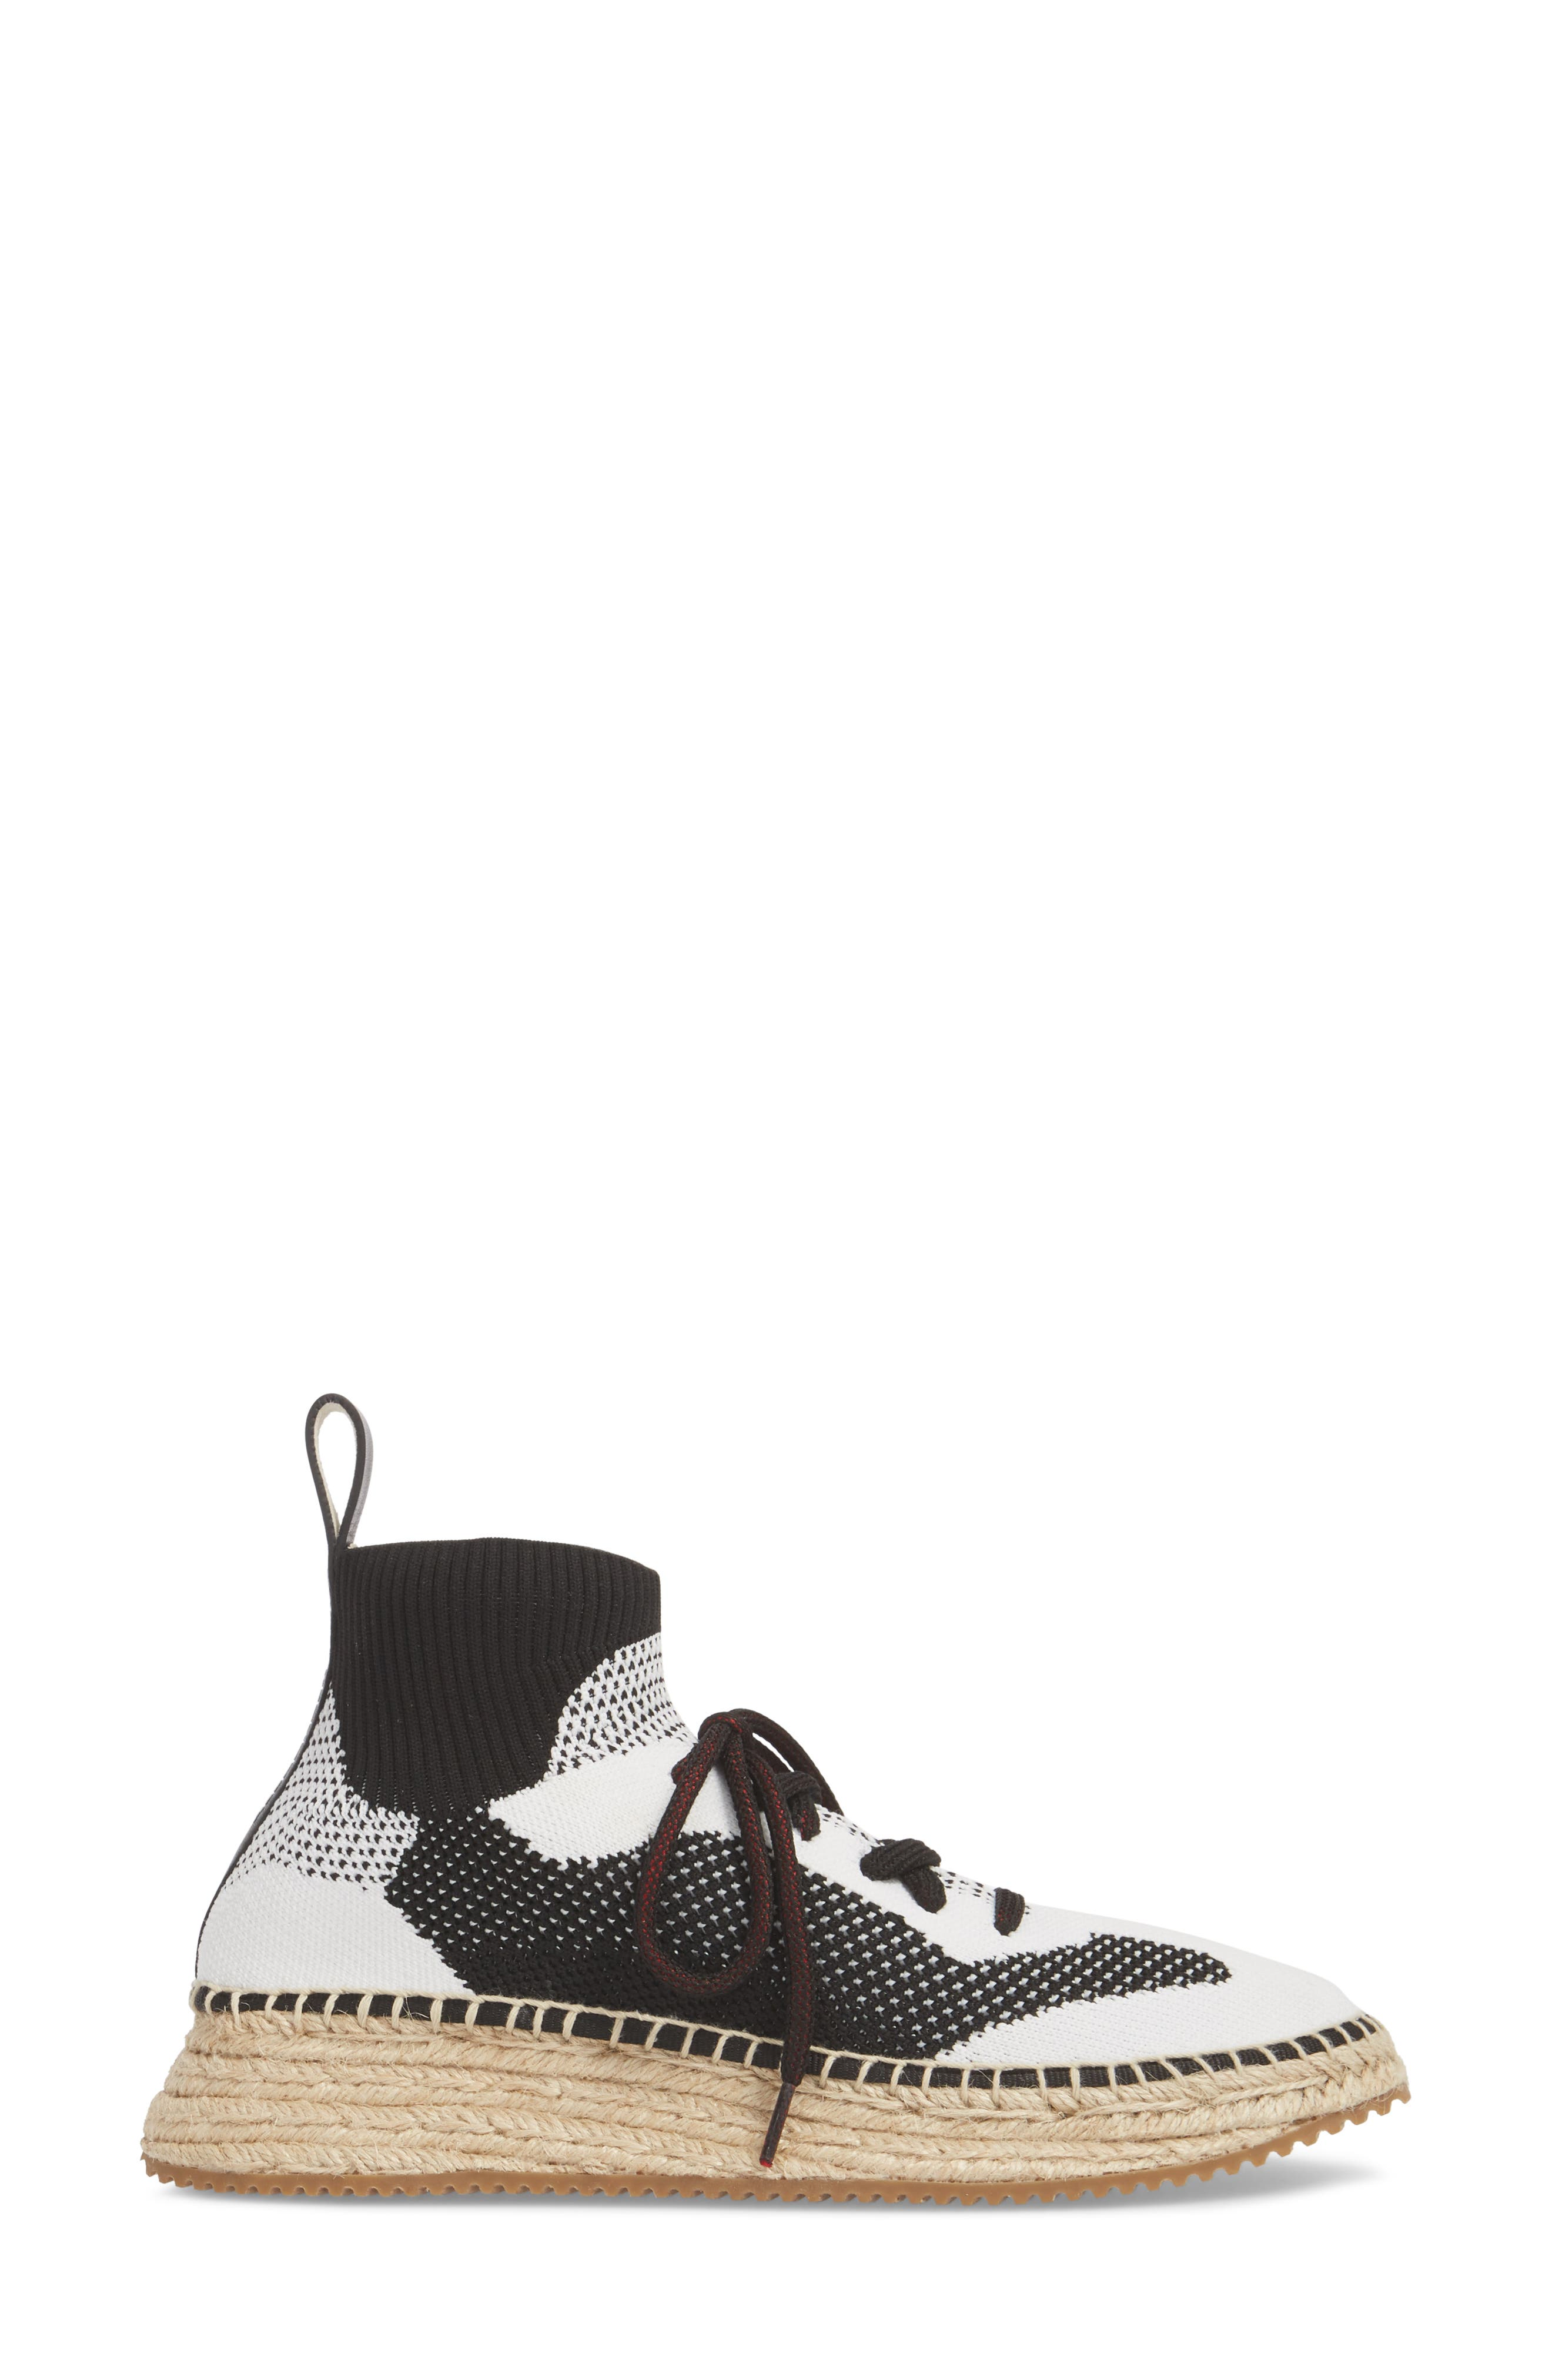 Dakota Espadrille Sock Sneaker,                             Alternate thumbnail 3, color,                             002